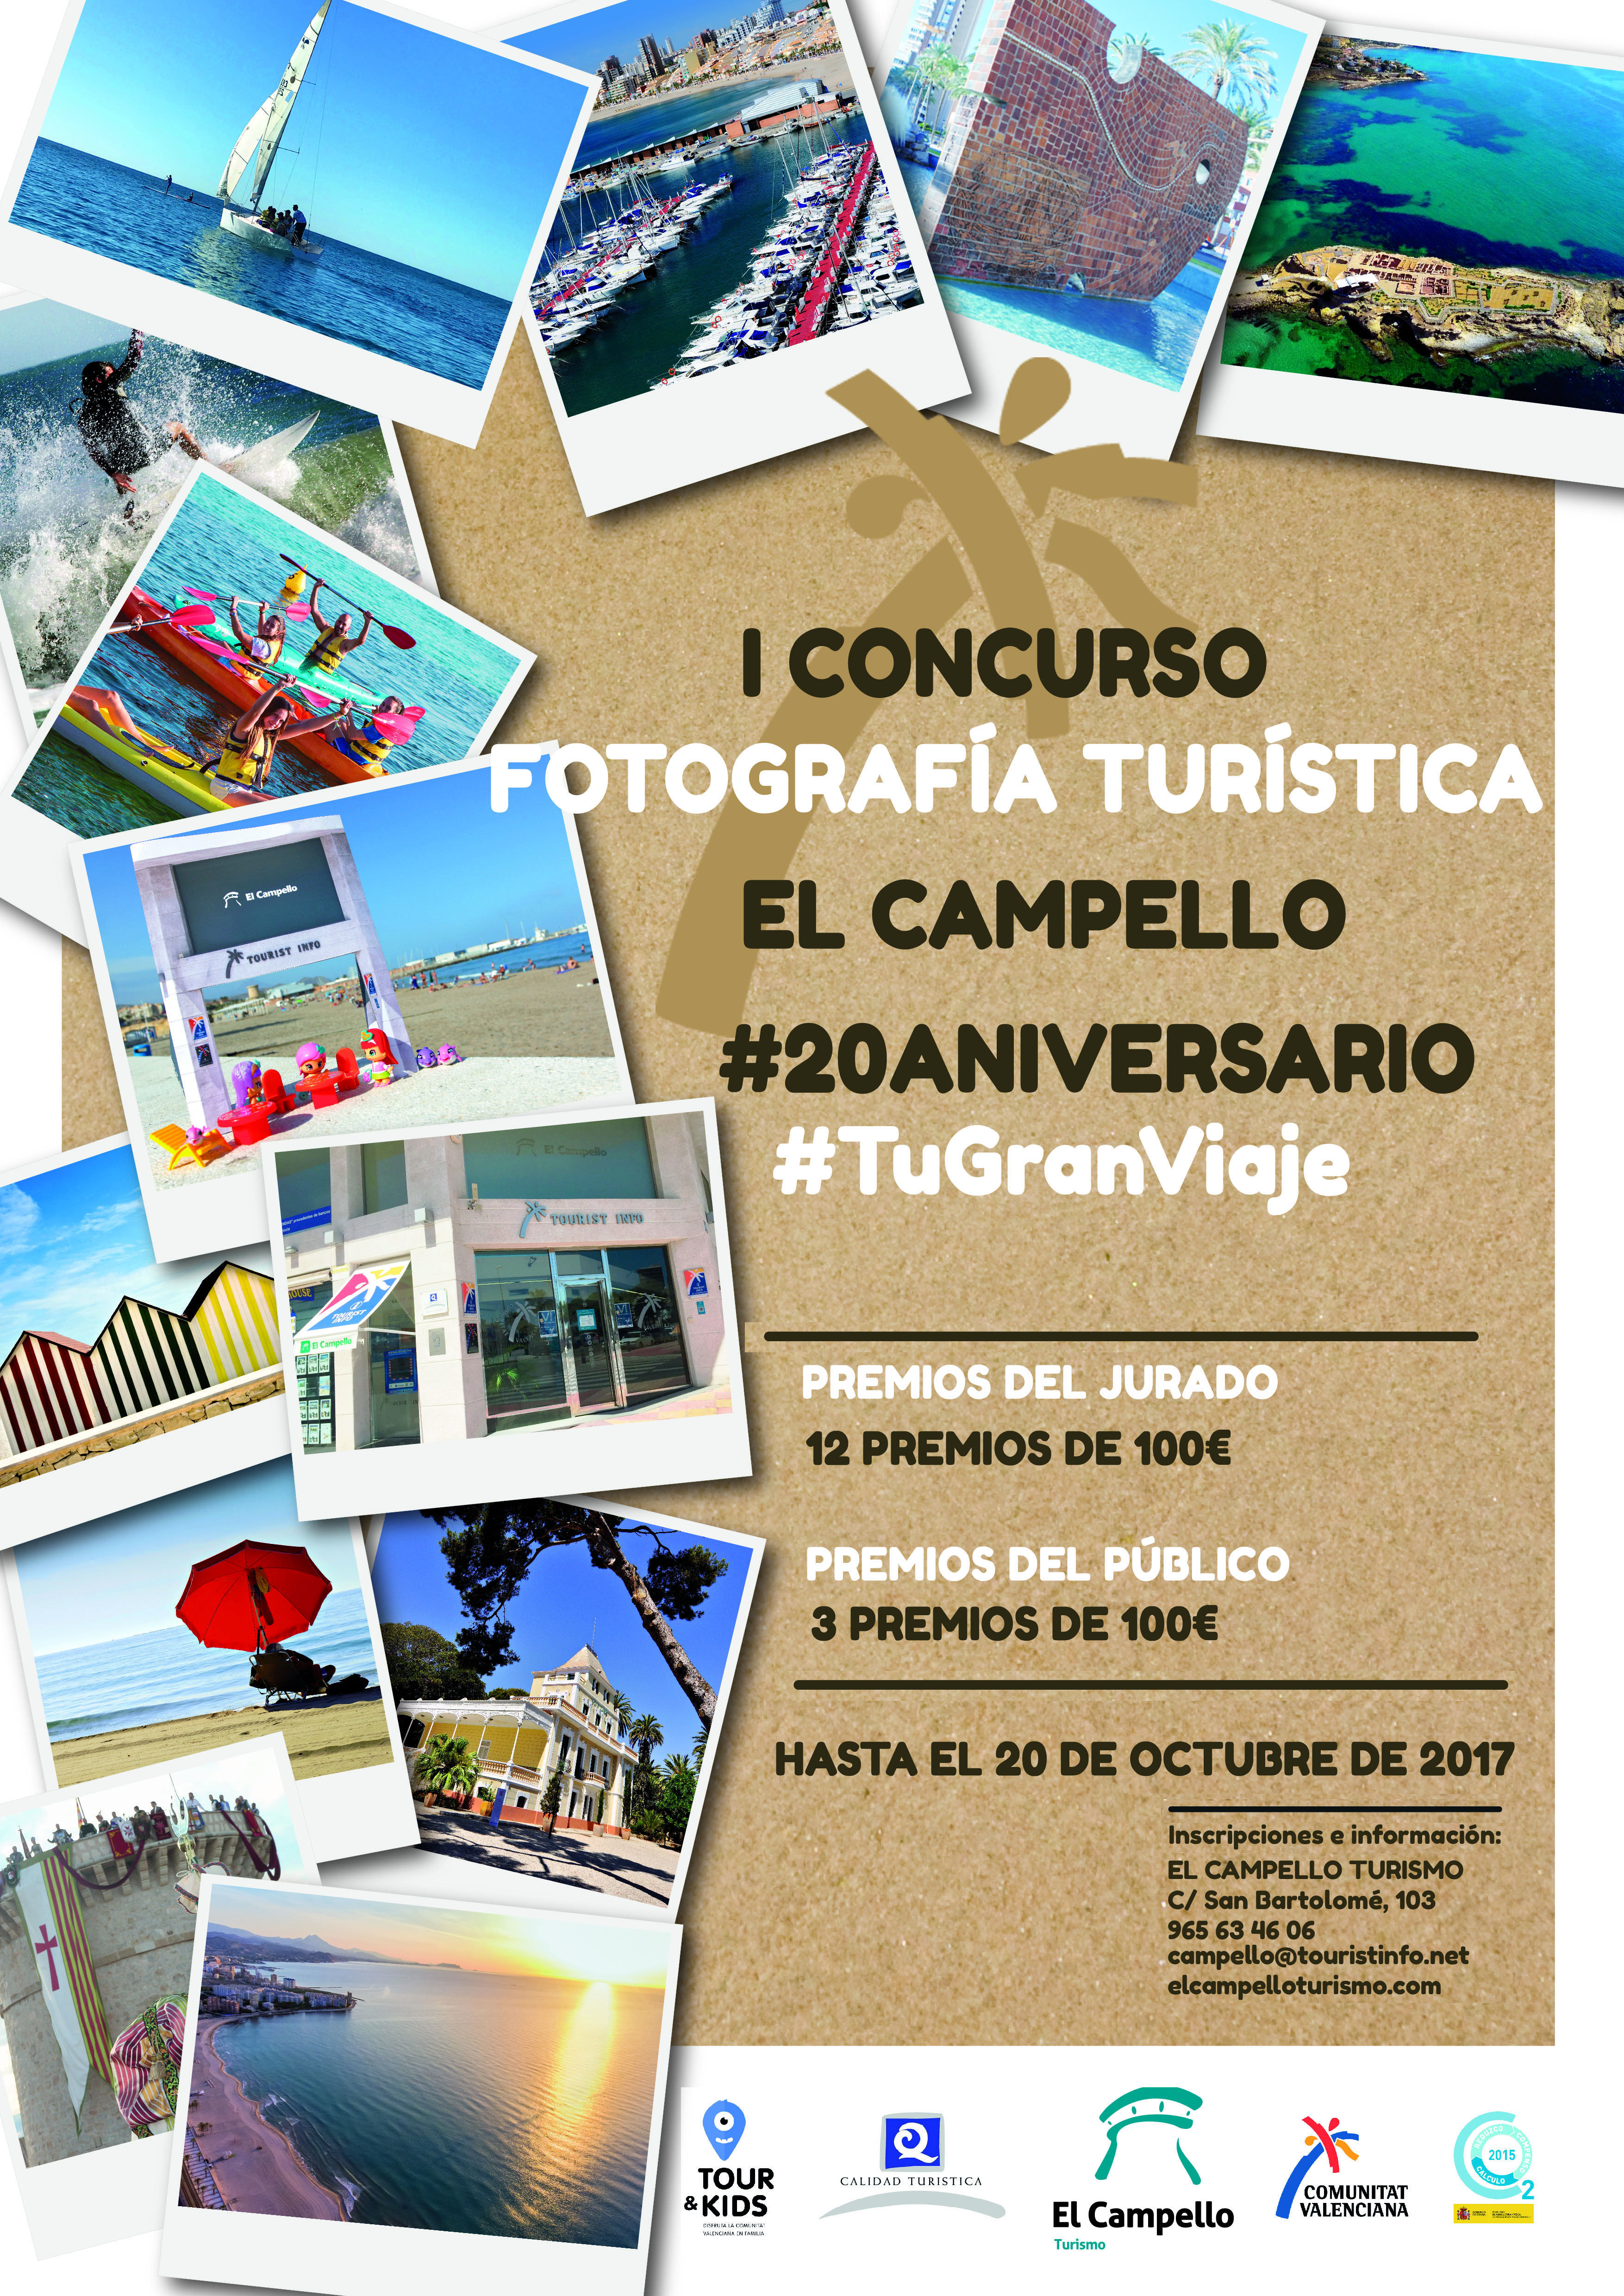 Concurso Fotografía El Campello #TuGRanViaje